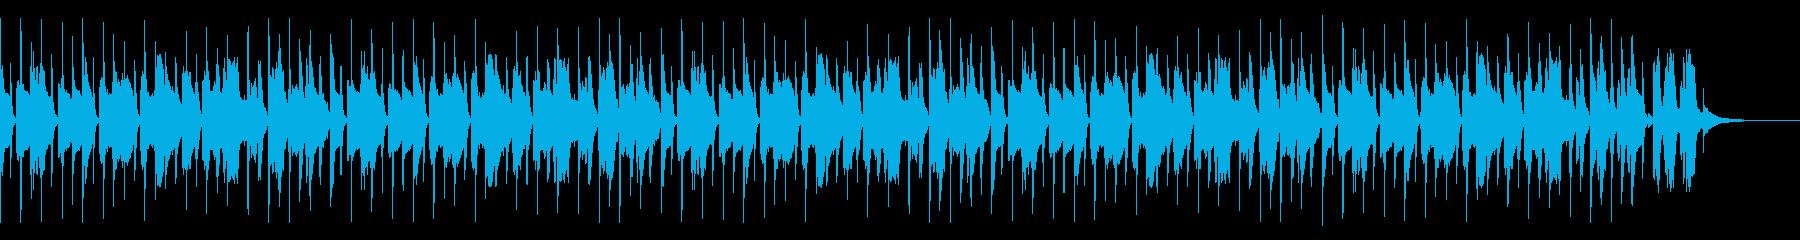 かわいいパズルBGM(ハイスピード)の再生済みの波形